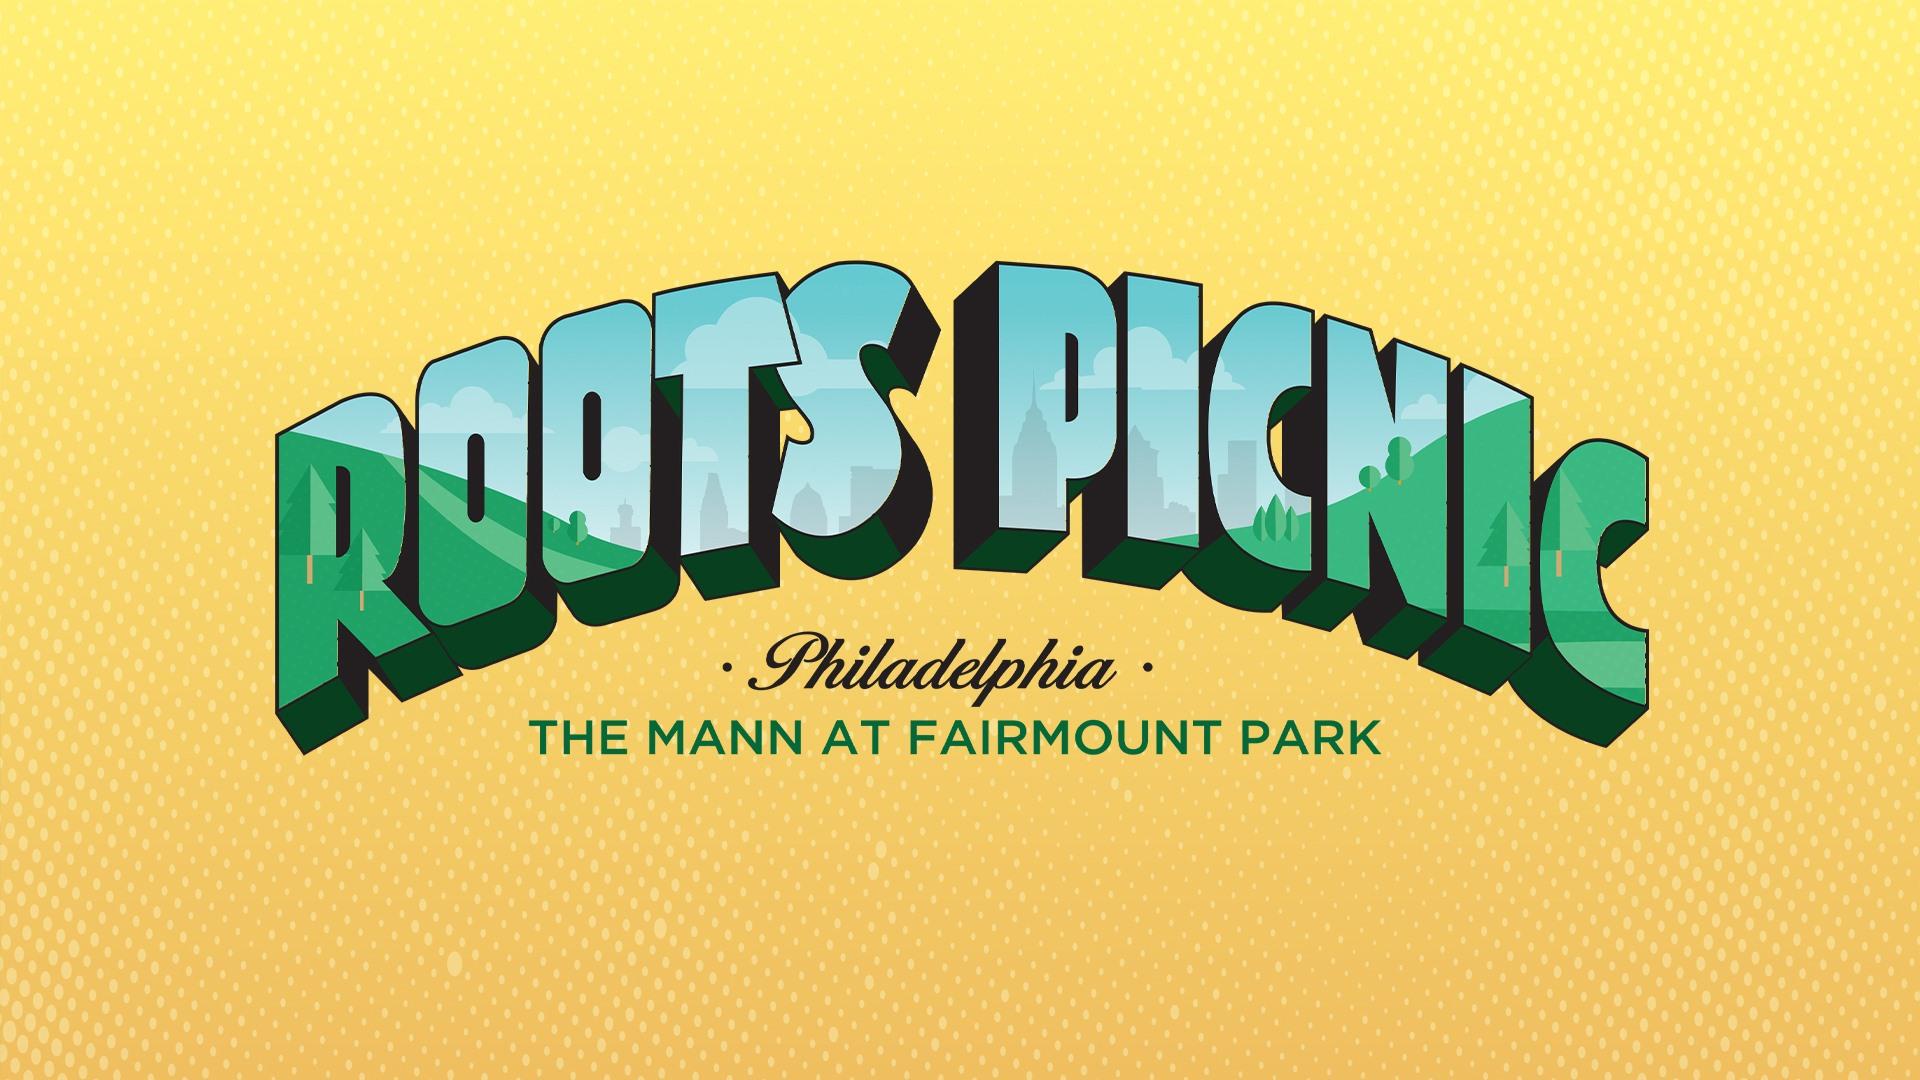 Roots Picnic Philadelphia 2022